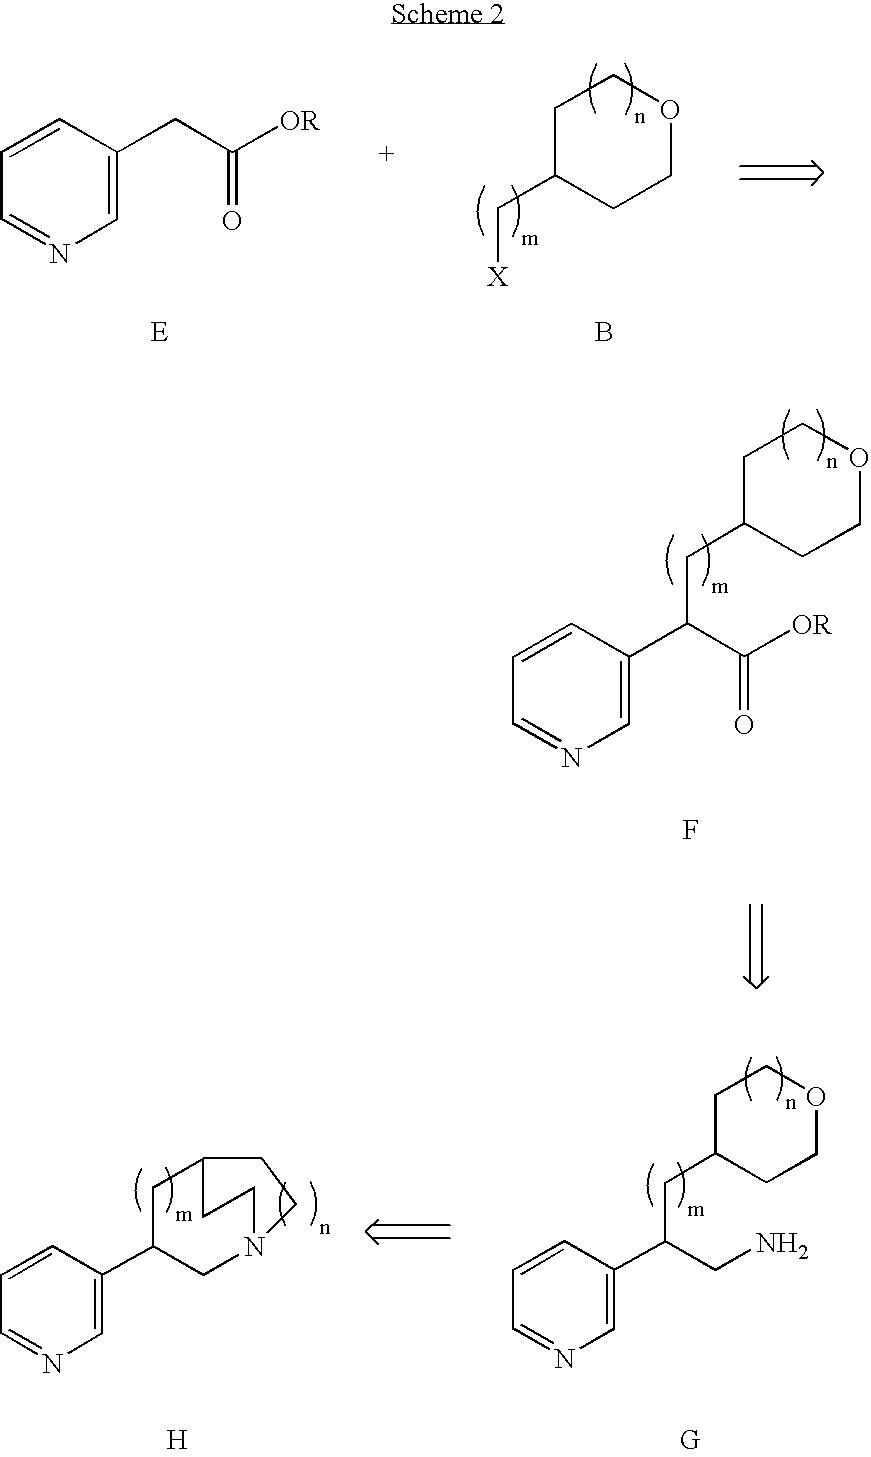 Figure US20040220214A1-20041104-C00003